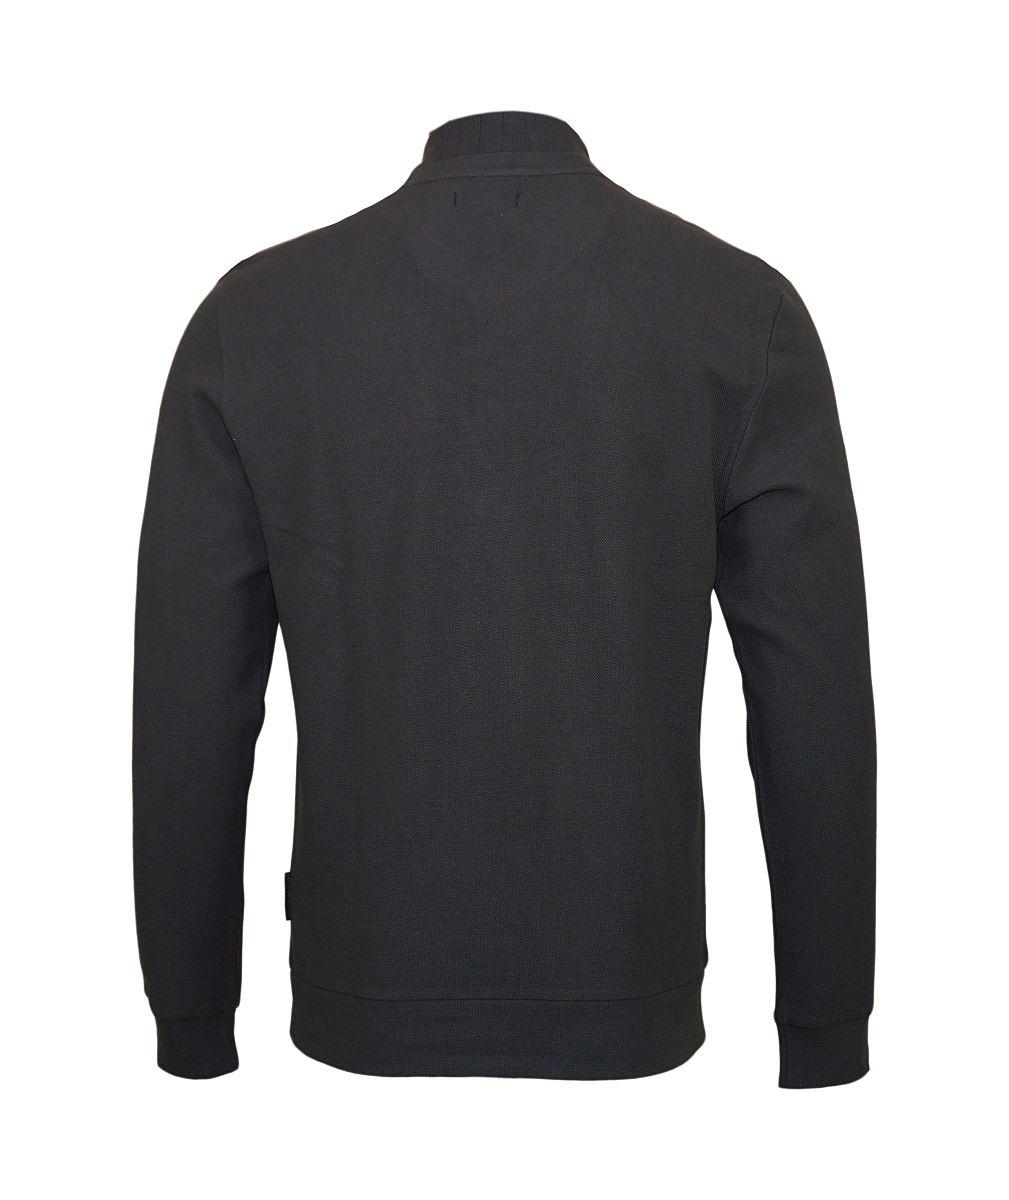 Emporio Armani Sweater Pullover 111437 7A569 08444 FUMO HW17-AS1